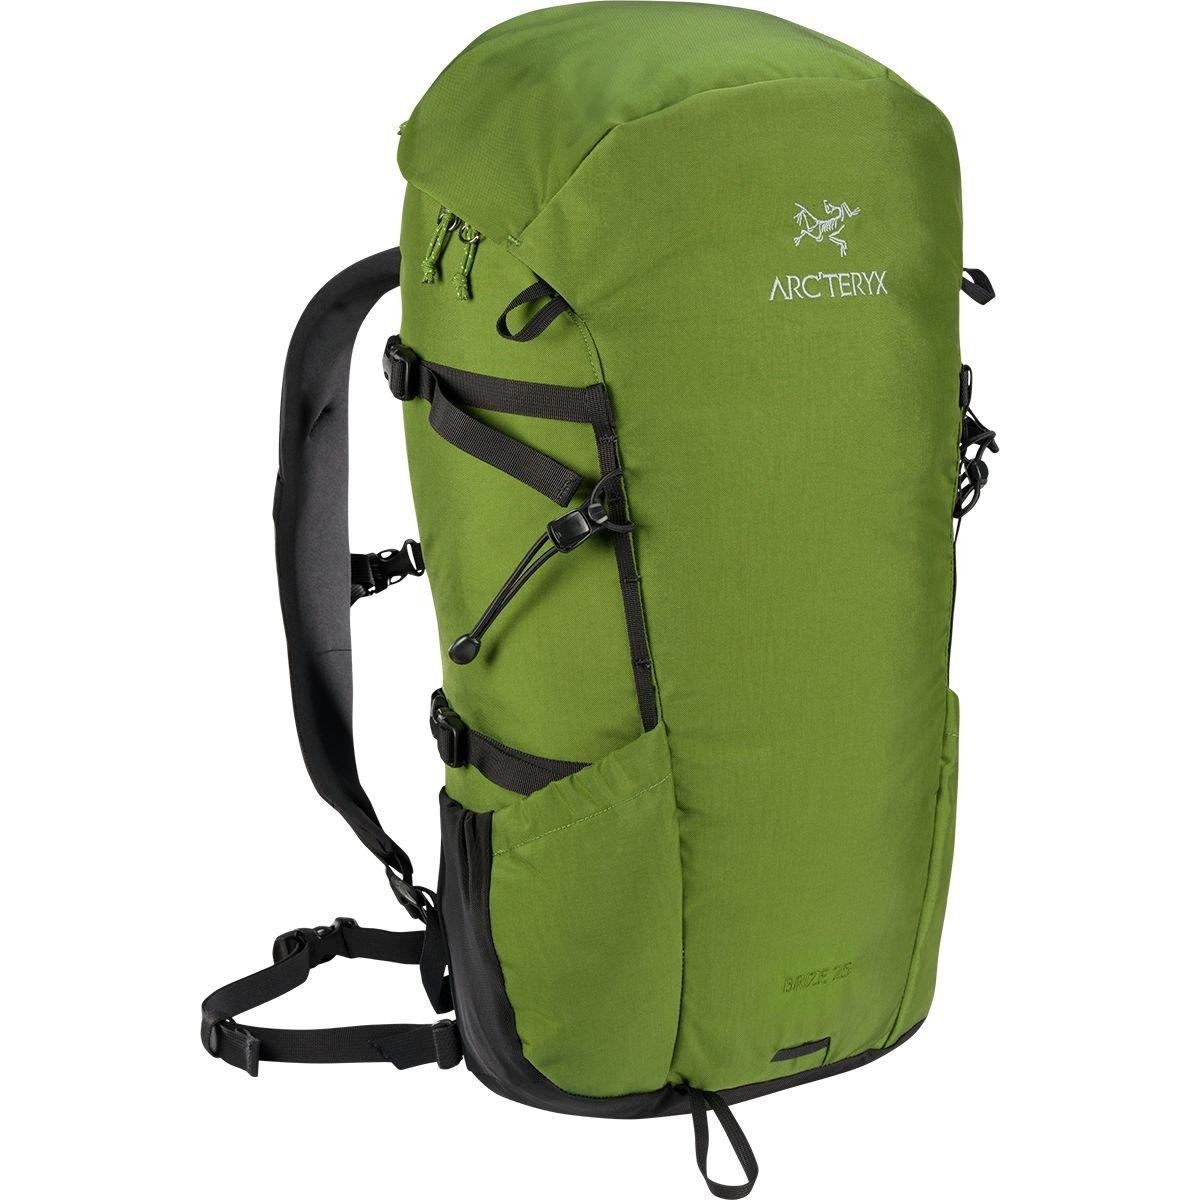 (アークテリクス) Arc'teryx Brize 25L Backpackメンズ バックパック リュック Creekside [並行輸入品] Reg  B079FN75XZ